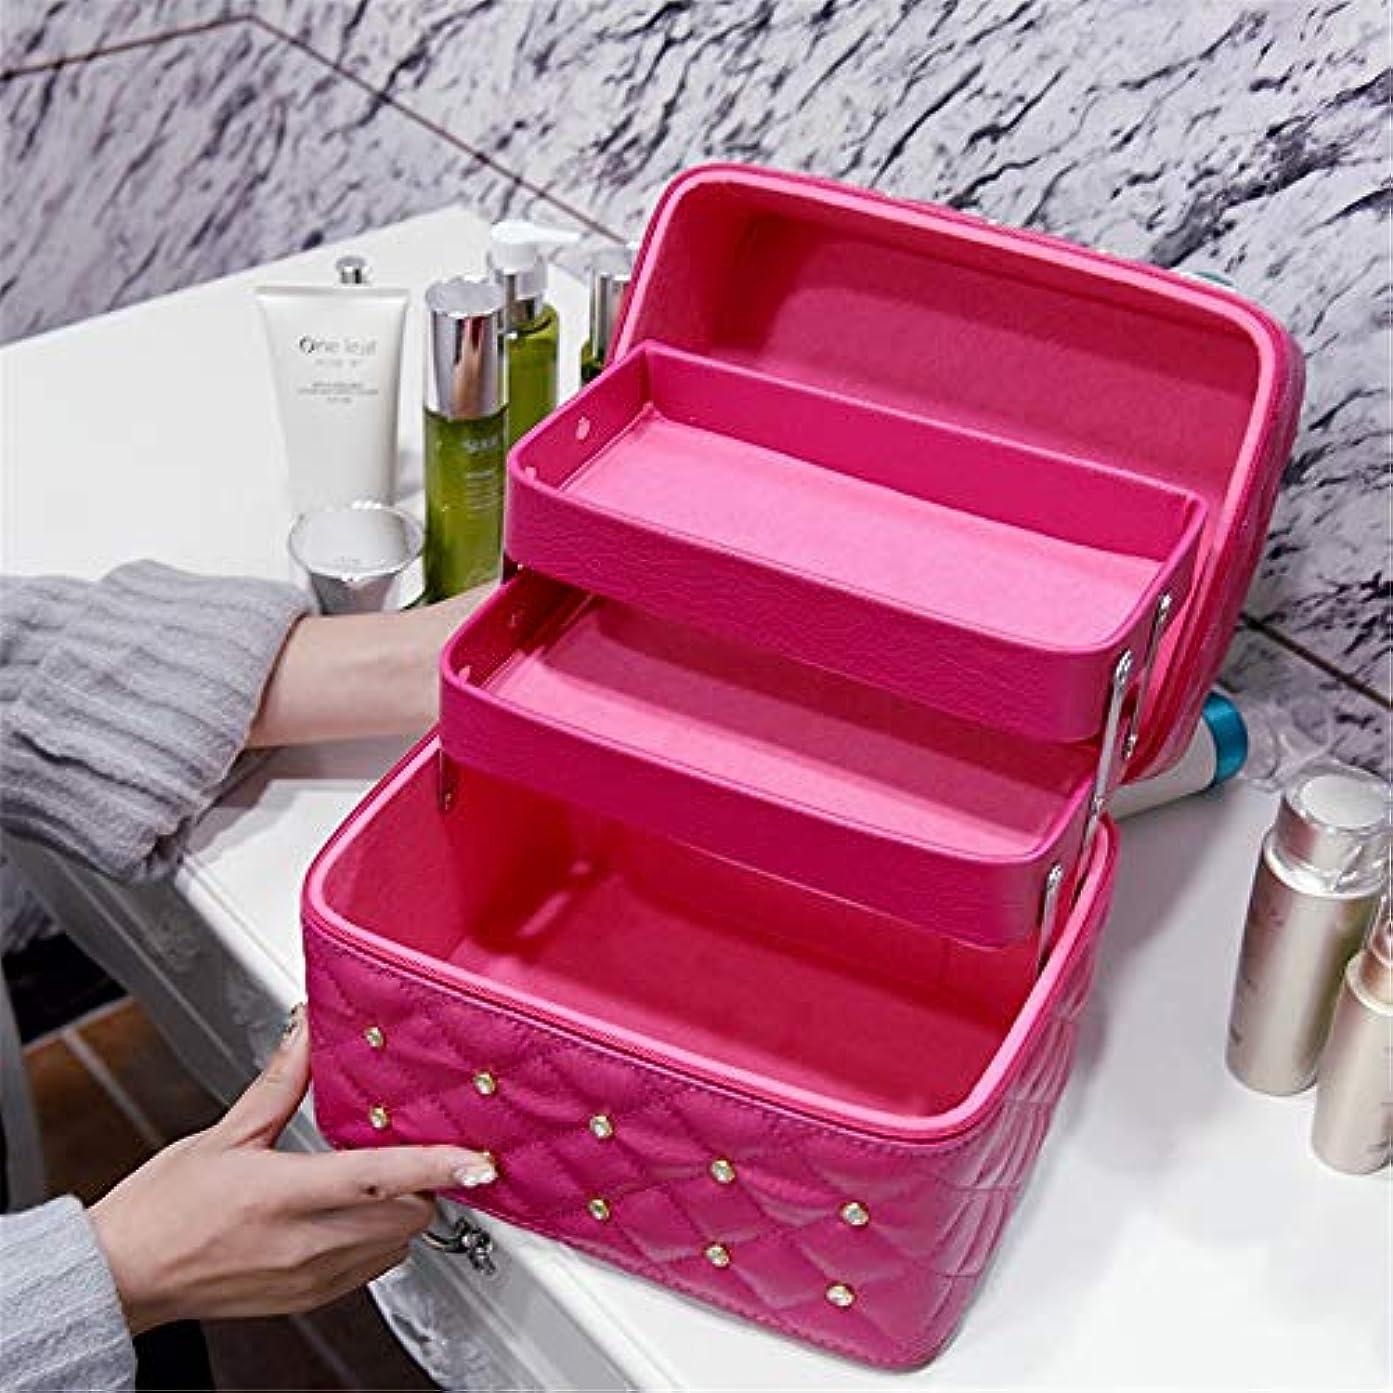 スタジオインターネット群がる特大スペース収納ビューティーボックス 美の構造のためそしてジッパーおよび折る皿が付いている女の子の女性旅行そして毎日の貯蔵のための高容量の携帯用化粧品袋 化粧品化粧台